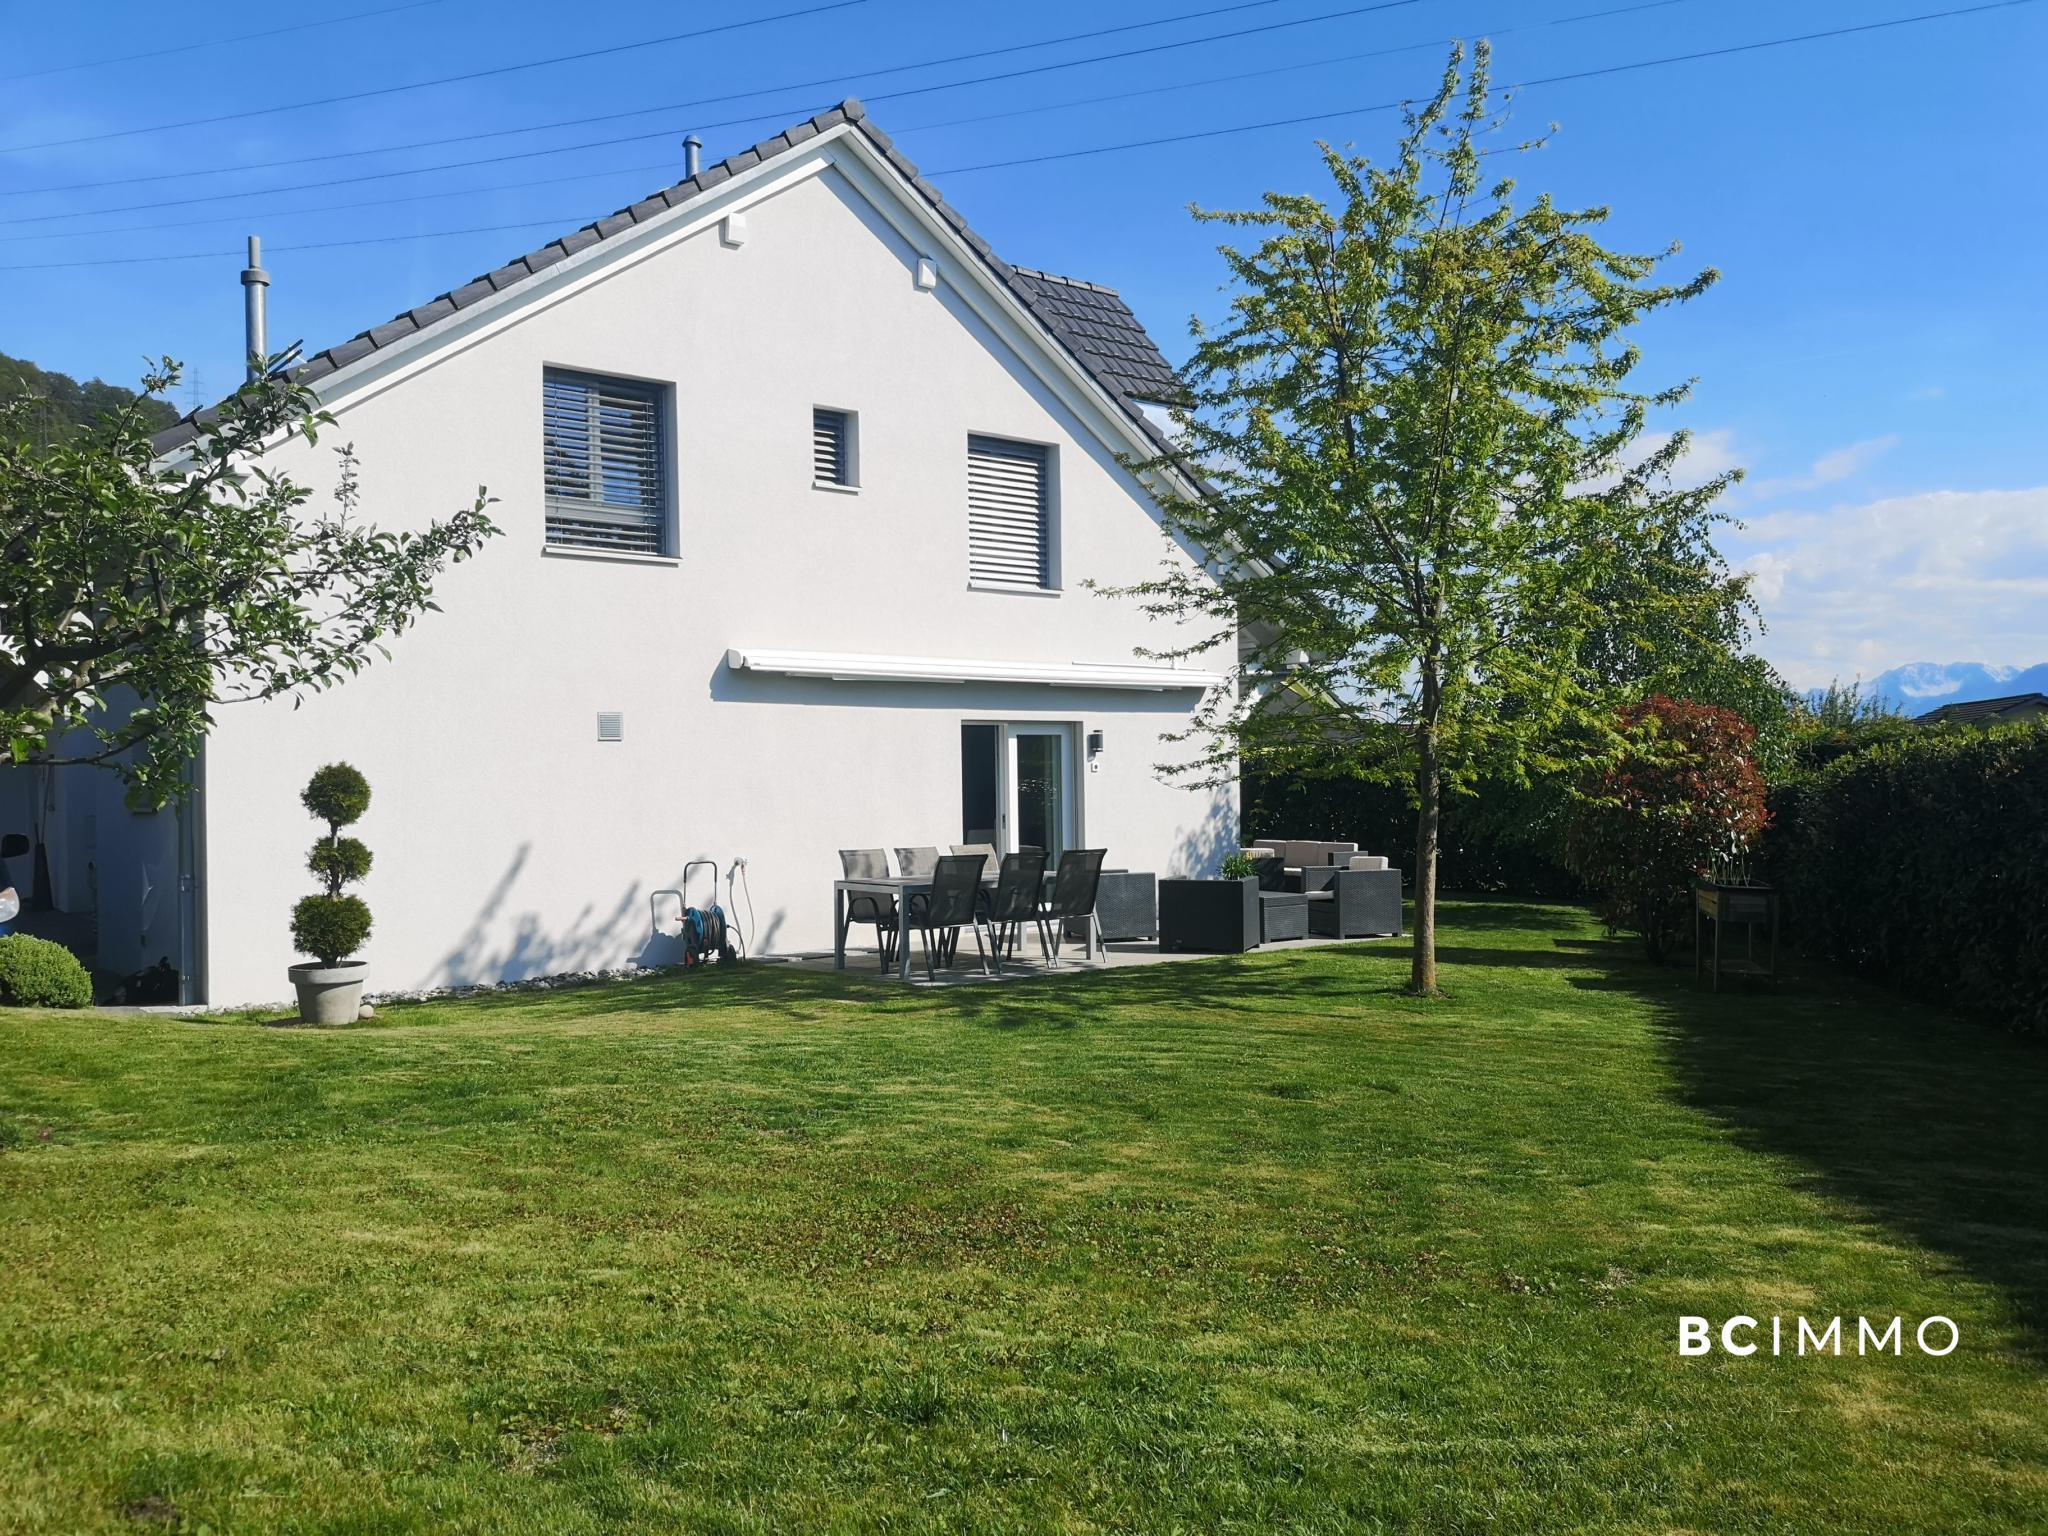 BC Immo - Exclusivité : Magnifique Villa jumelée sur les hauts de Blonay - M19003GS